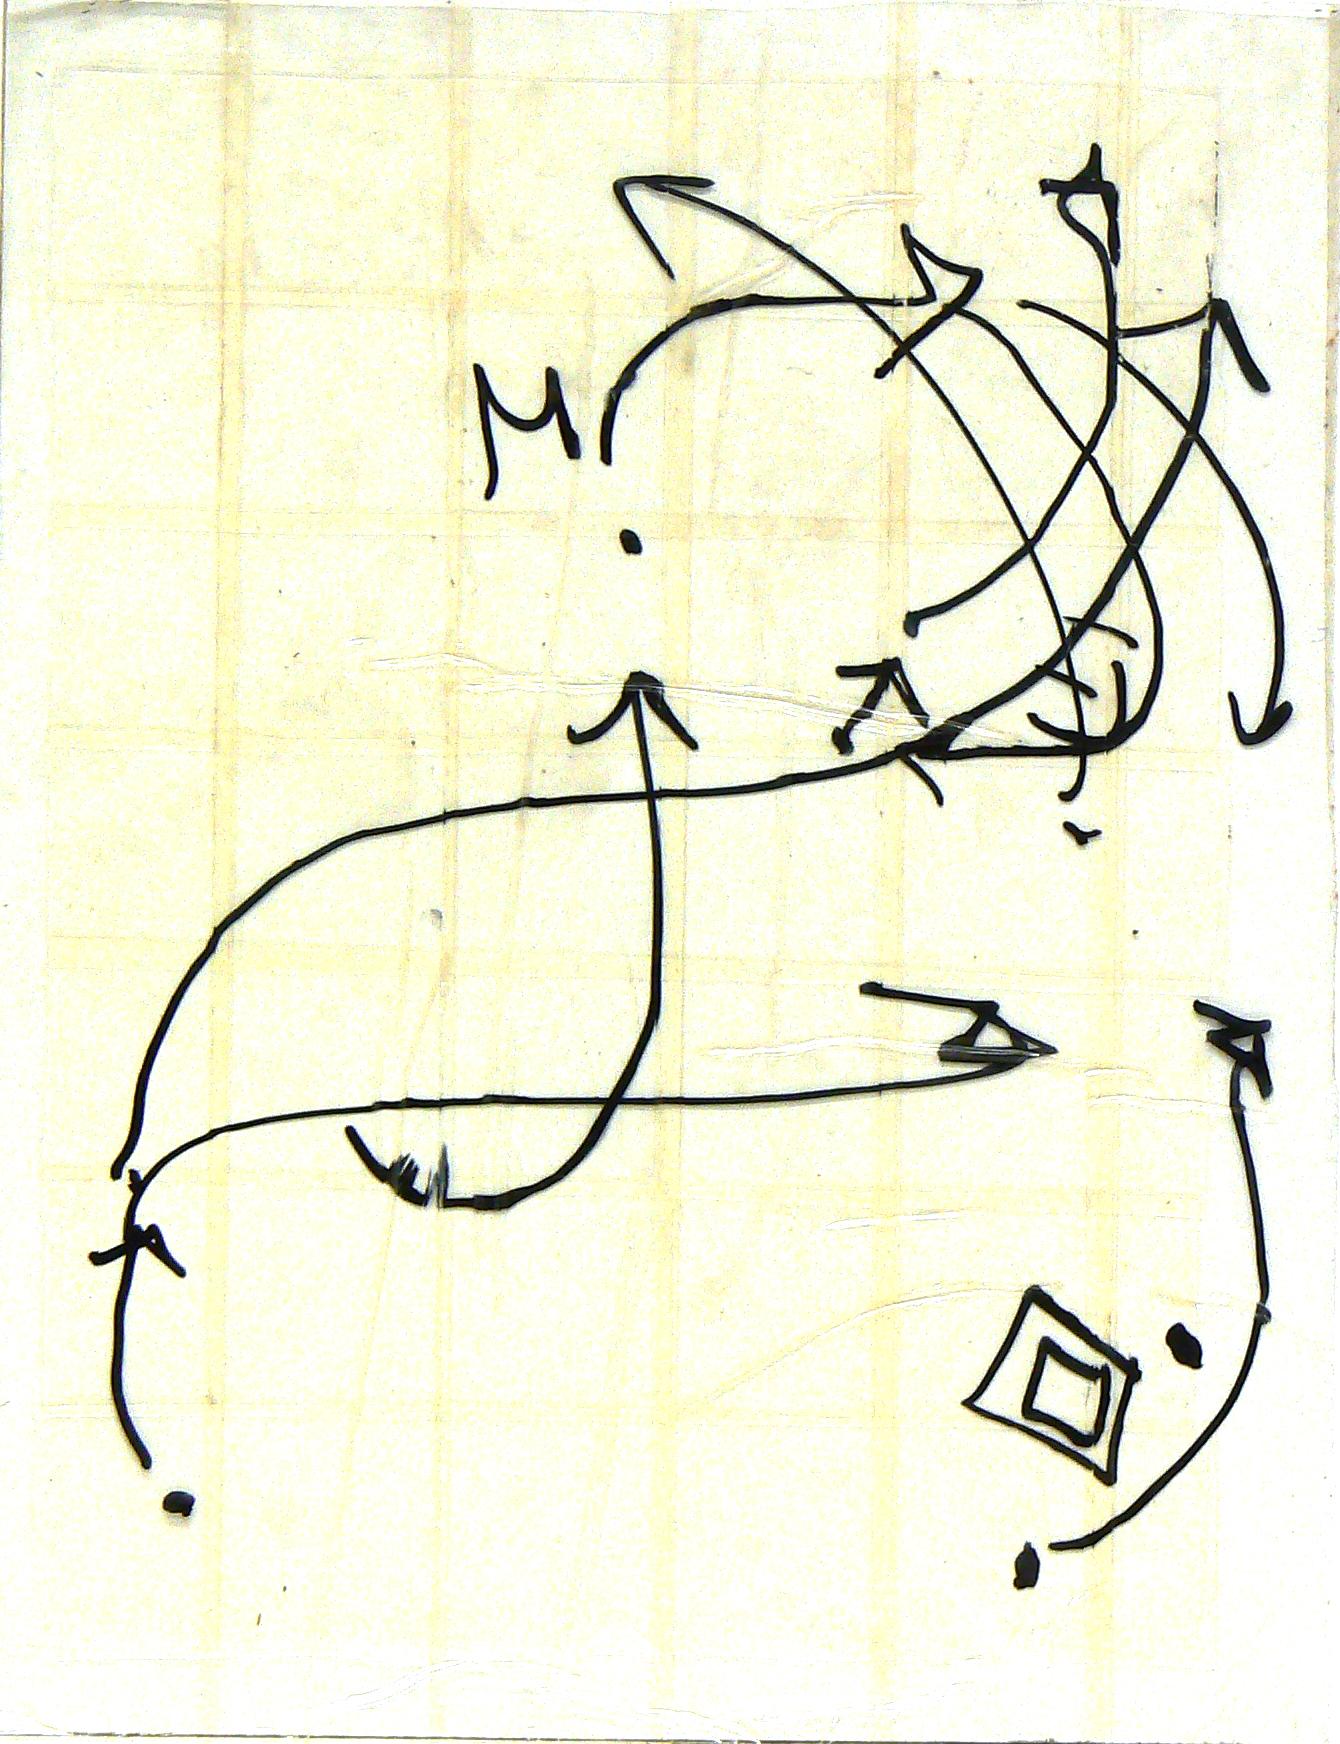 Giulia-Gallo-Remembering-Maps-100-fogli-pennarello-indelebile-su-nastro-adesivo-21x29cm-2012-Remembering-Maps-100-sheets-marker-on-paper-tape-2